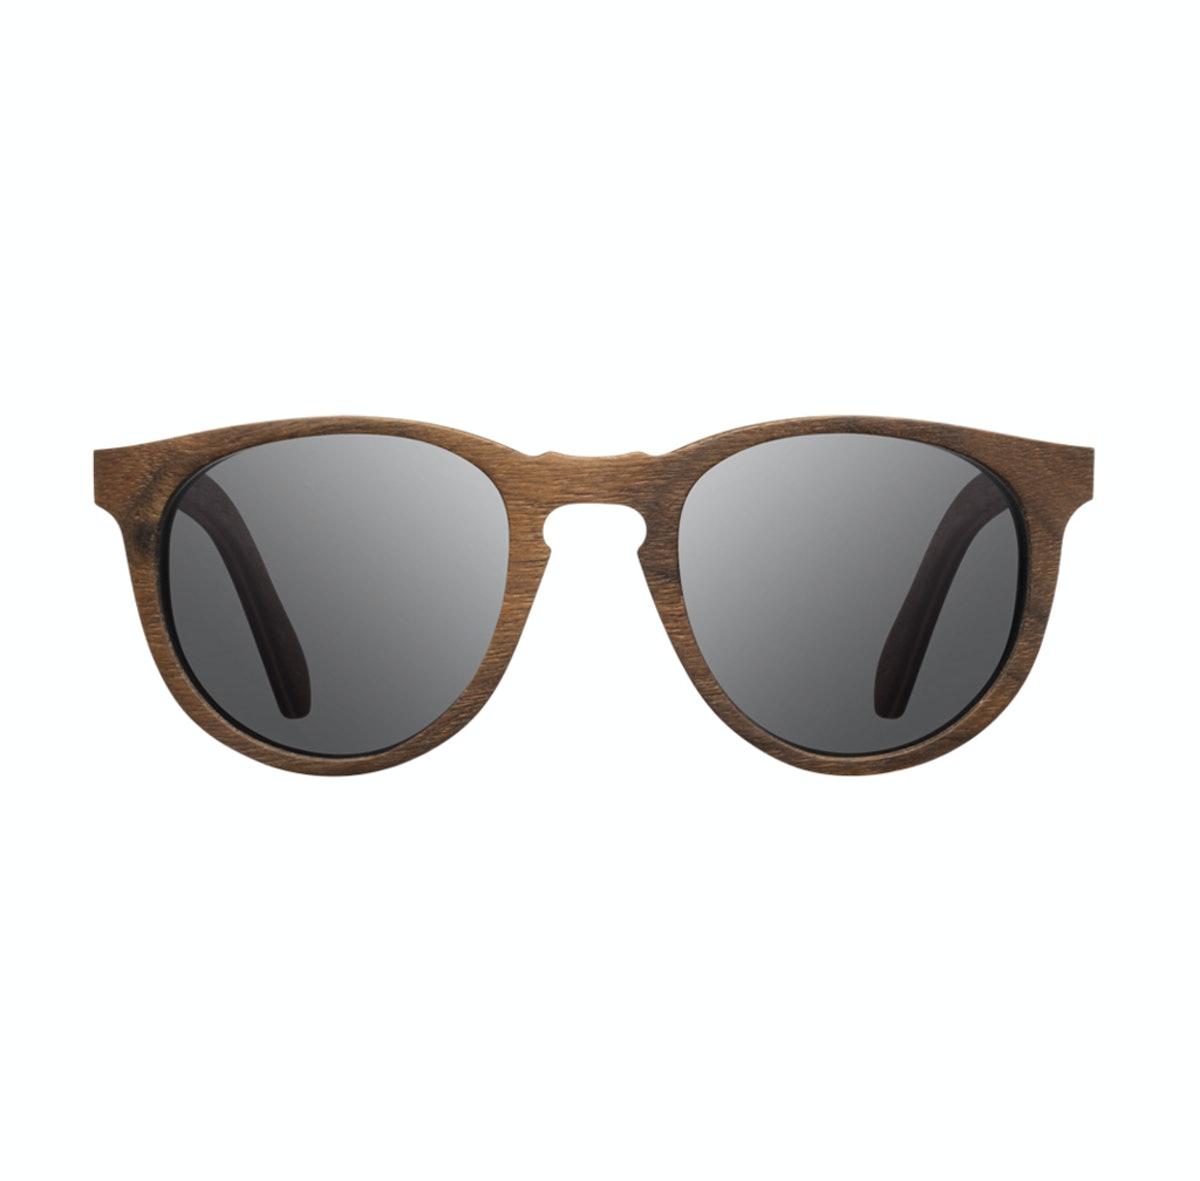 Shwood Sunglasses